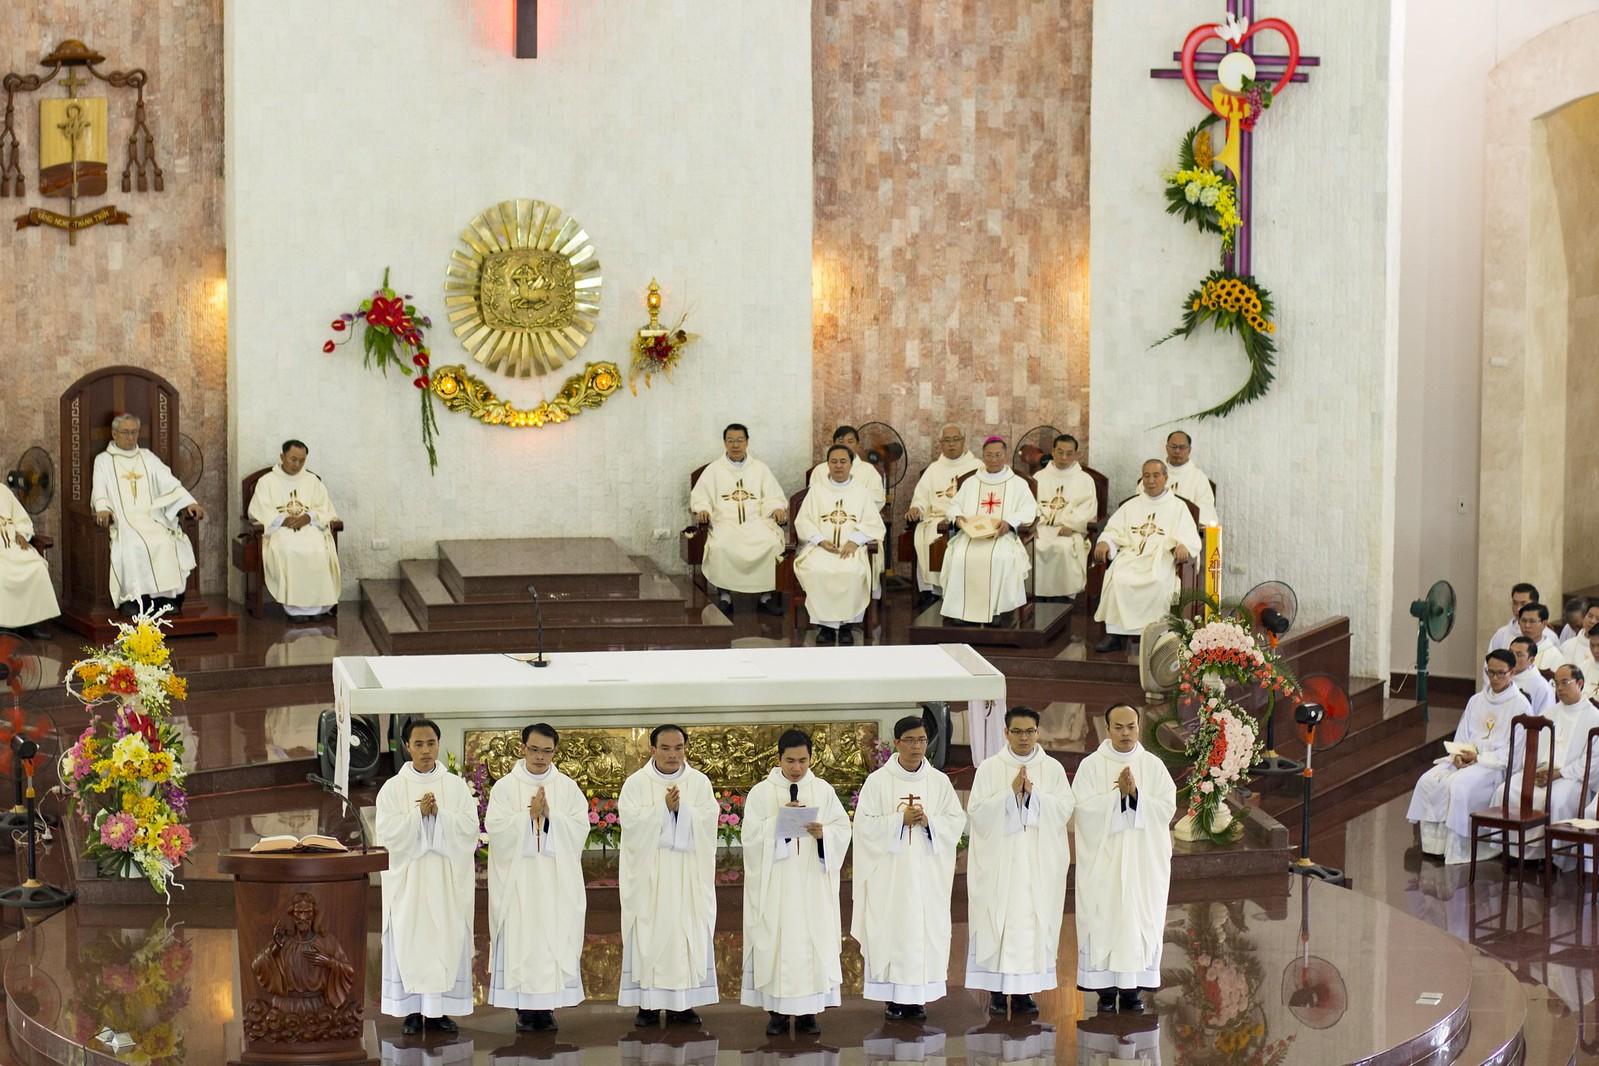 Giáo phận Bà Rịa: Thánh lễ Truyền chức Linh mục 2017 - Ảnh minh hoạ 19